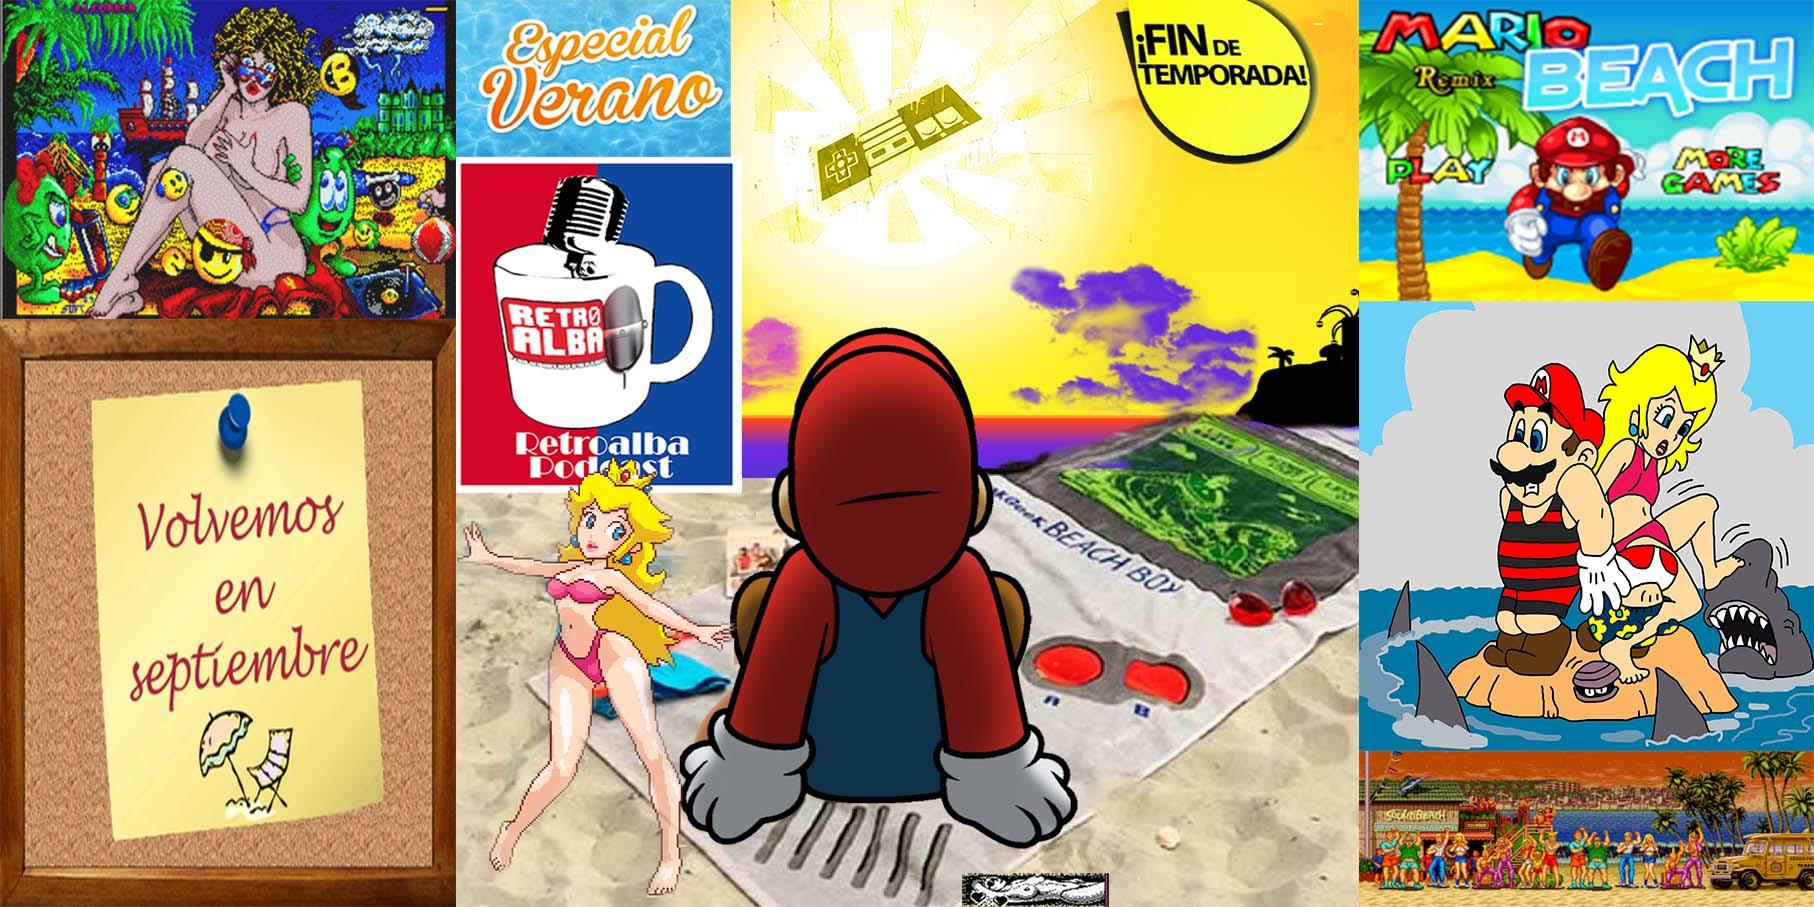 Retroalba Podcast Episodio 31: Especial verano nostálgico – Fin de temporada.